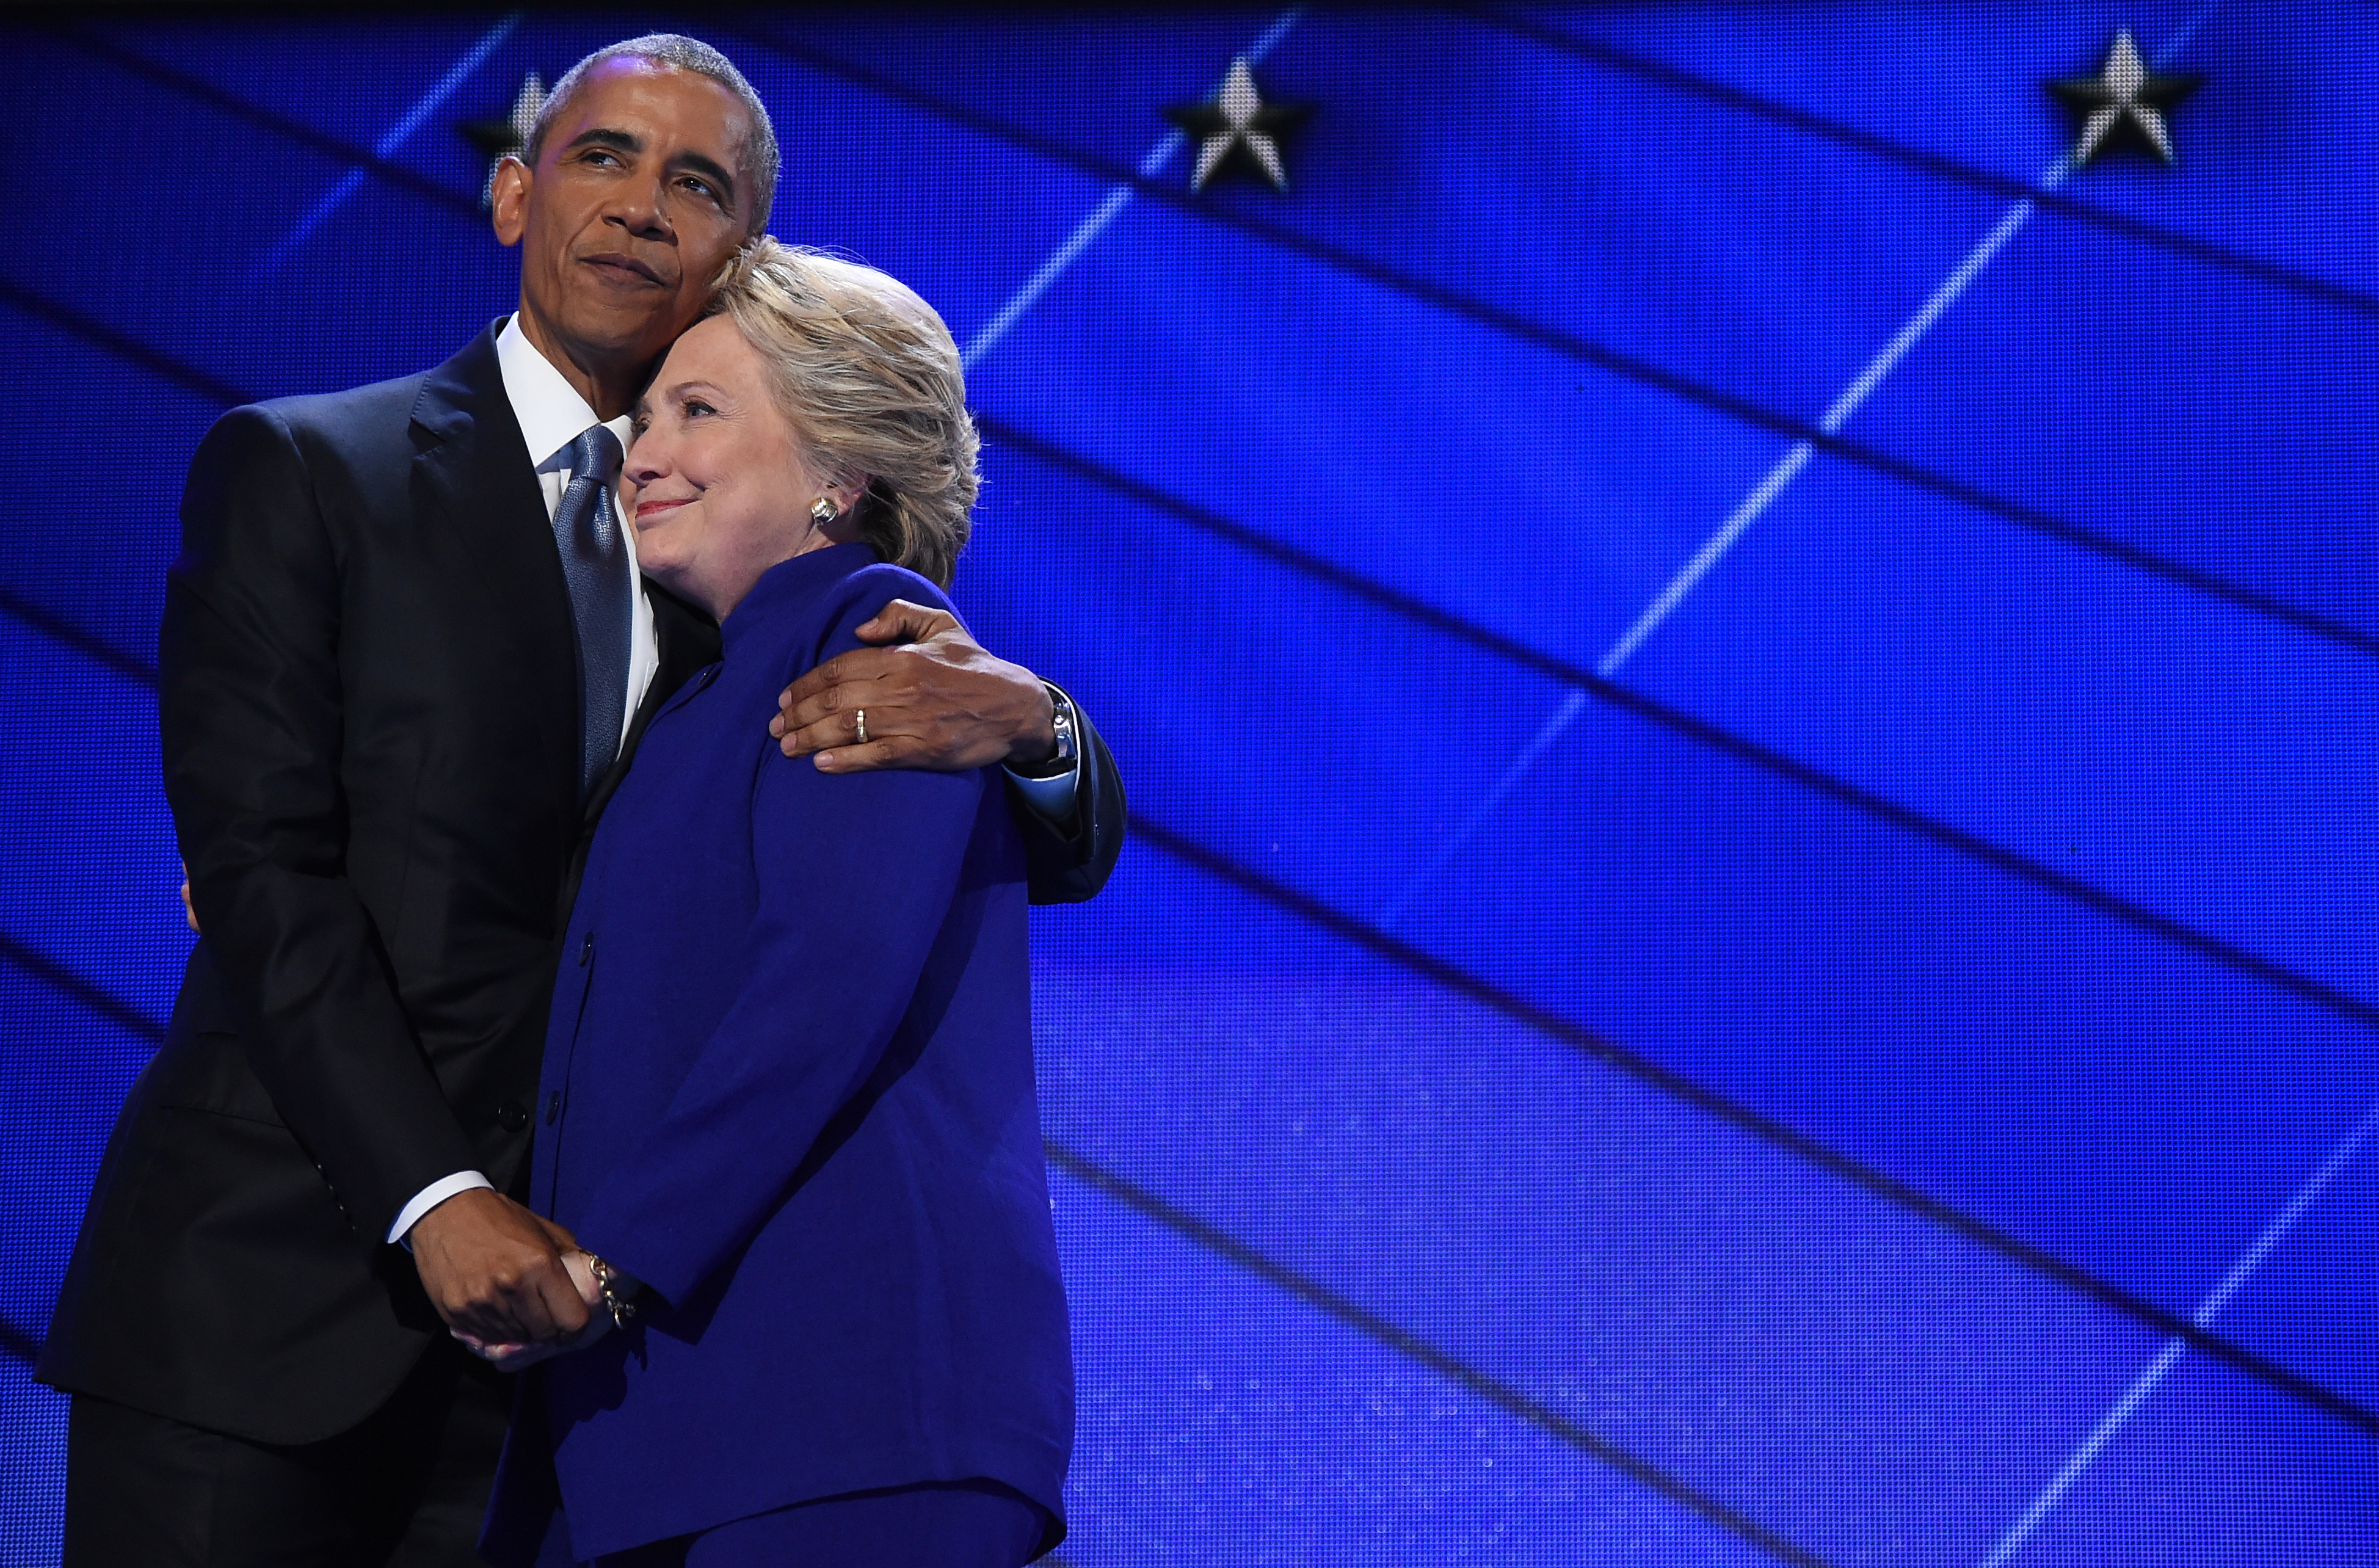 الرئيس باراك أوباما مع المرشحة الديموقراطية للرئاسة هيلاري كلينتون